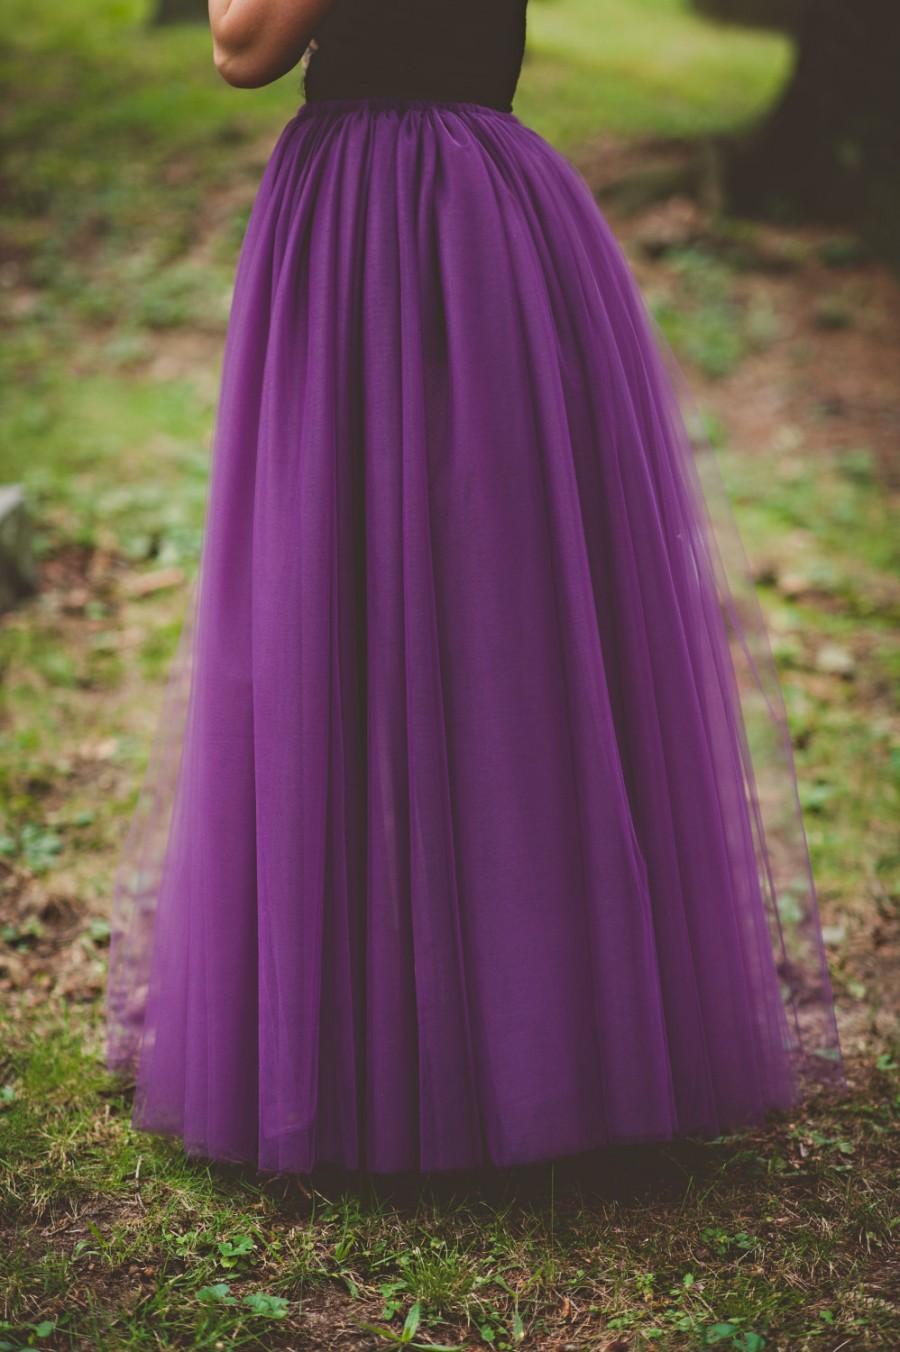 Fialová svatba - Tylová sukně podle přání, na míru